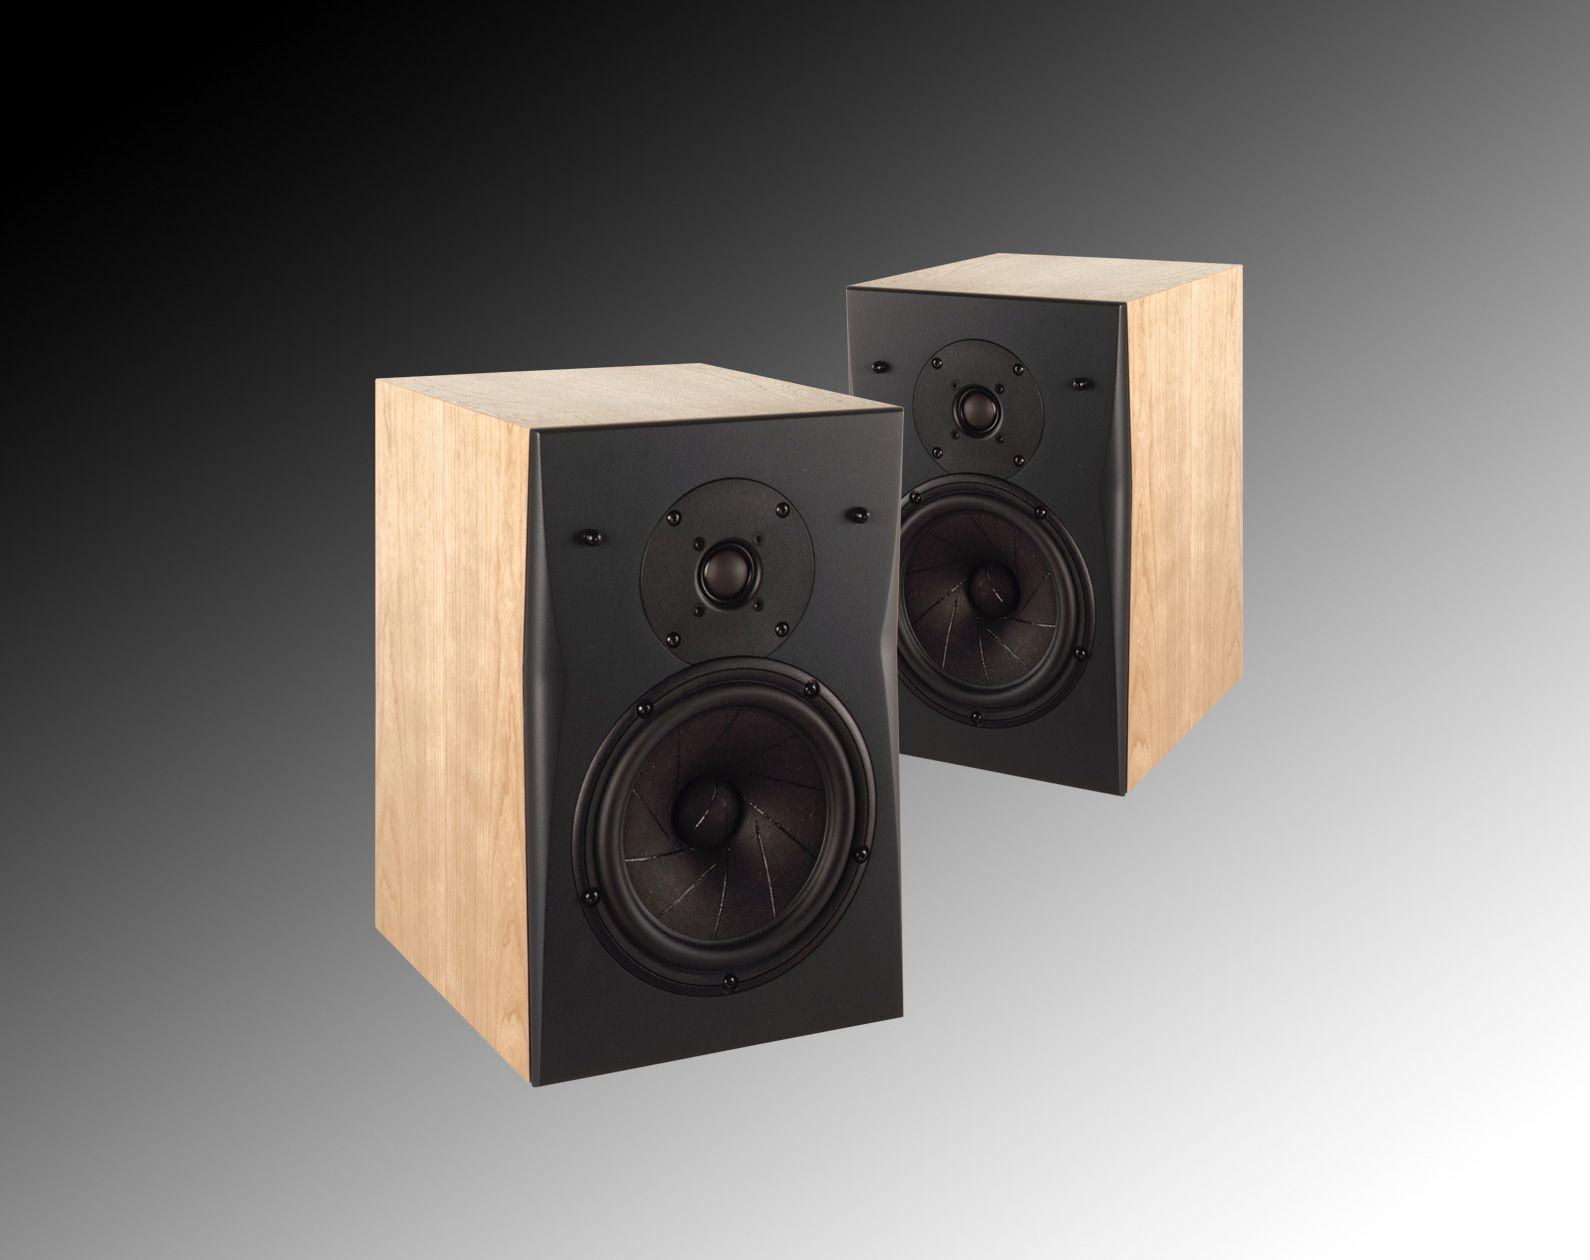 INROOM GOLD MINIMONITOR triad speakers